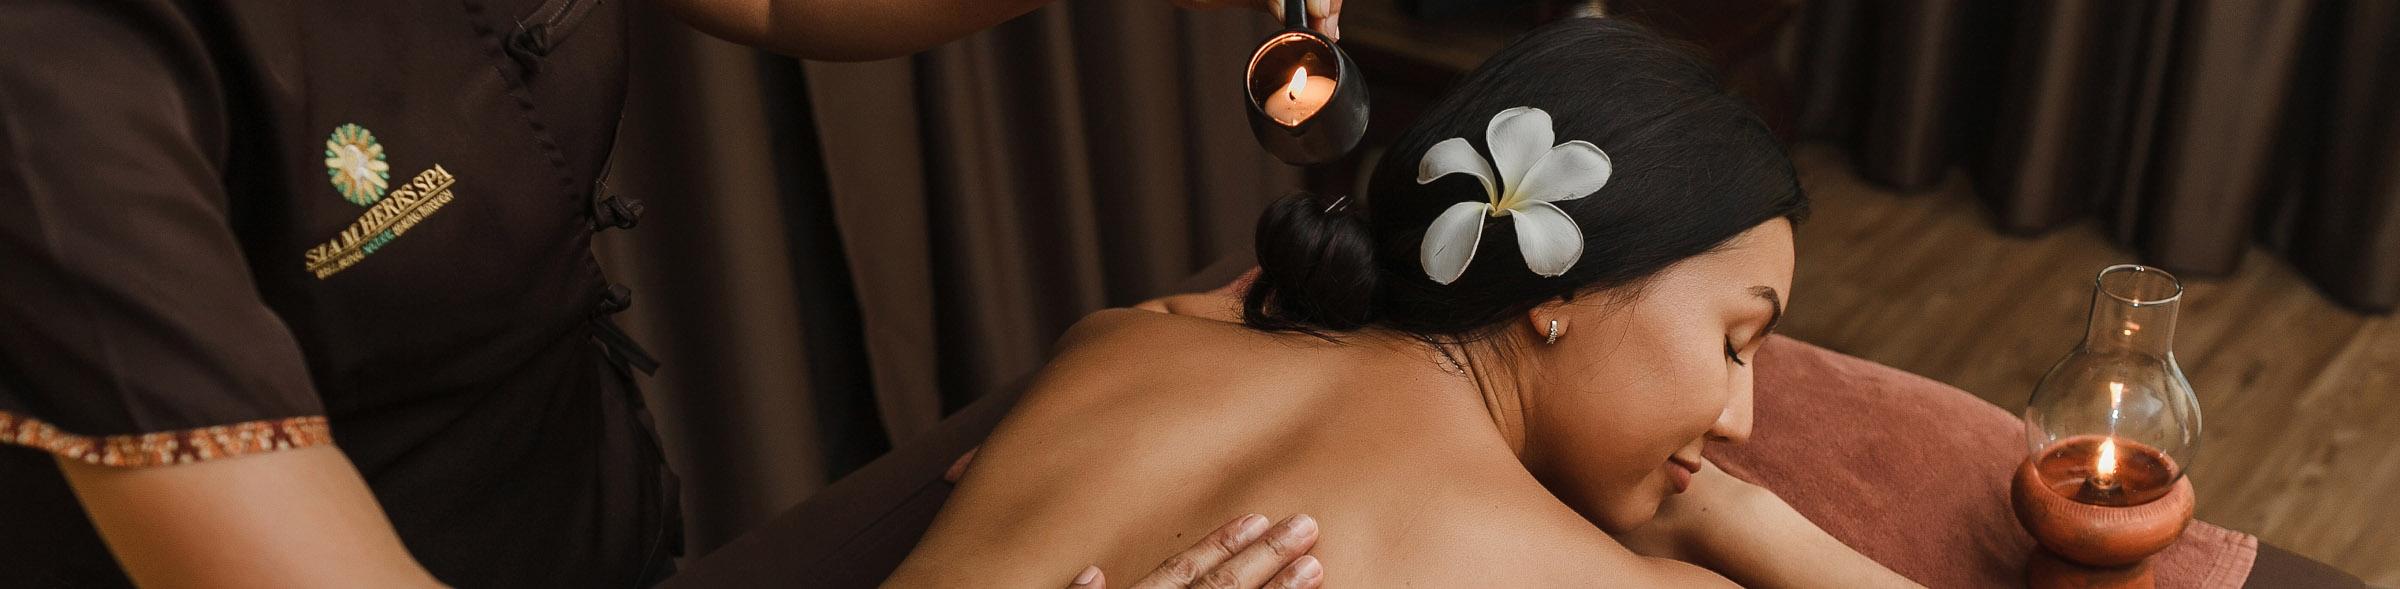 Des bougies de massage qui vont réchauffer votre vie sexuelle de bien des façons.